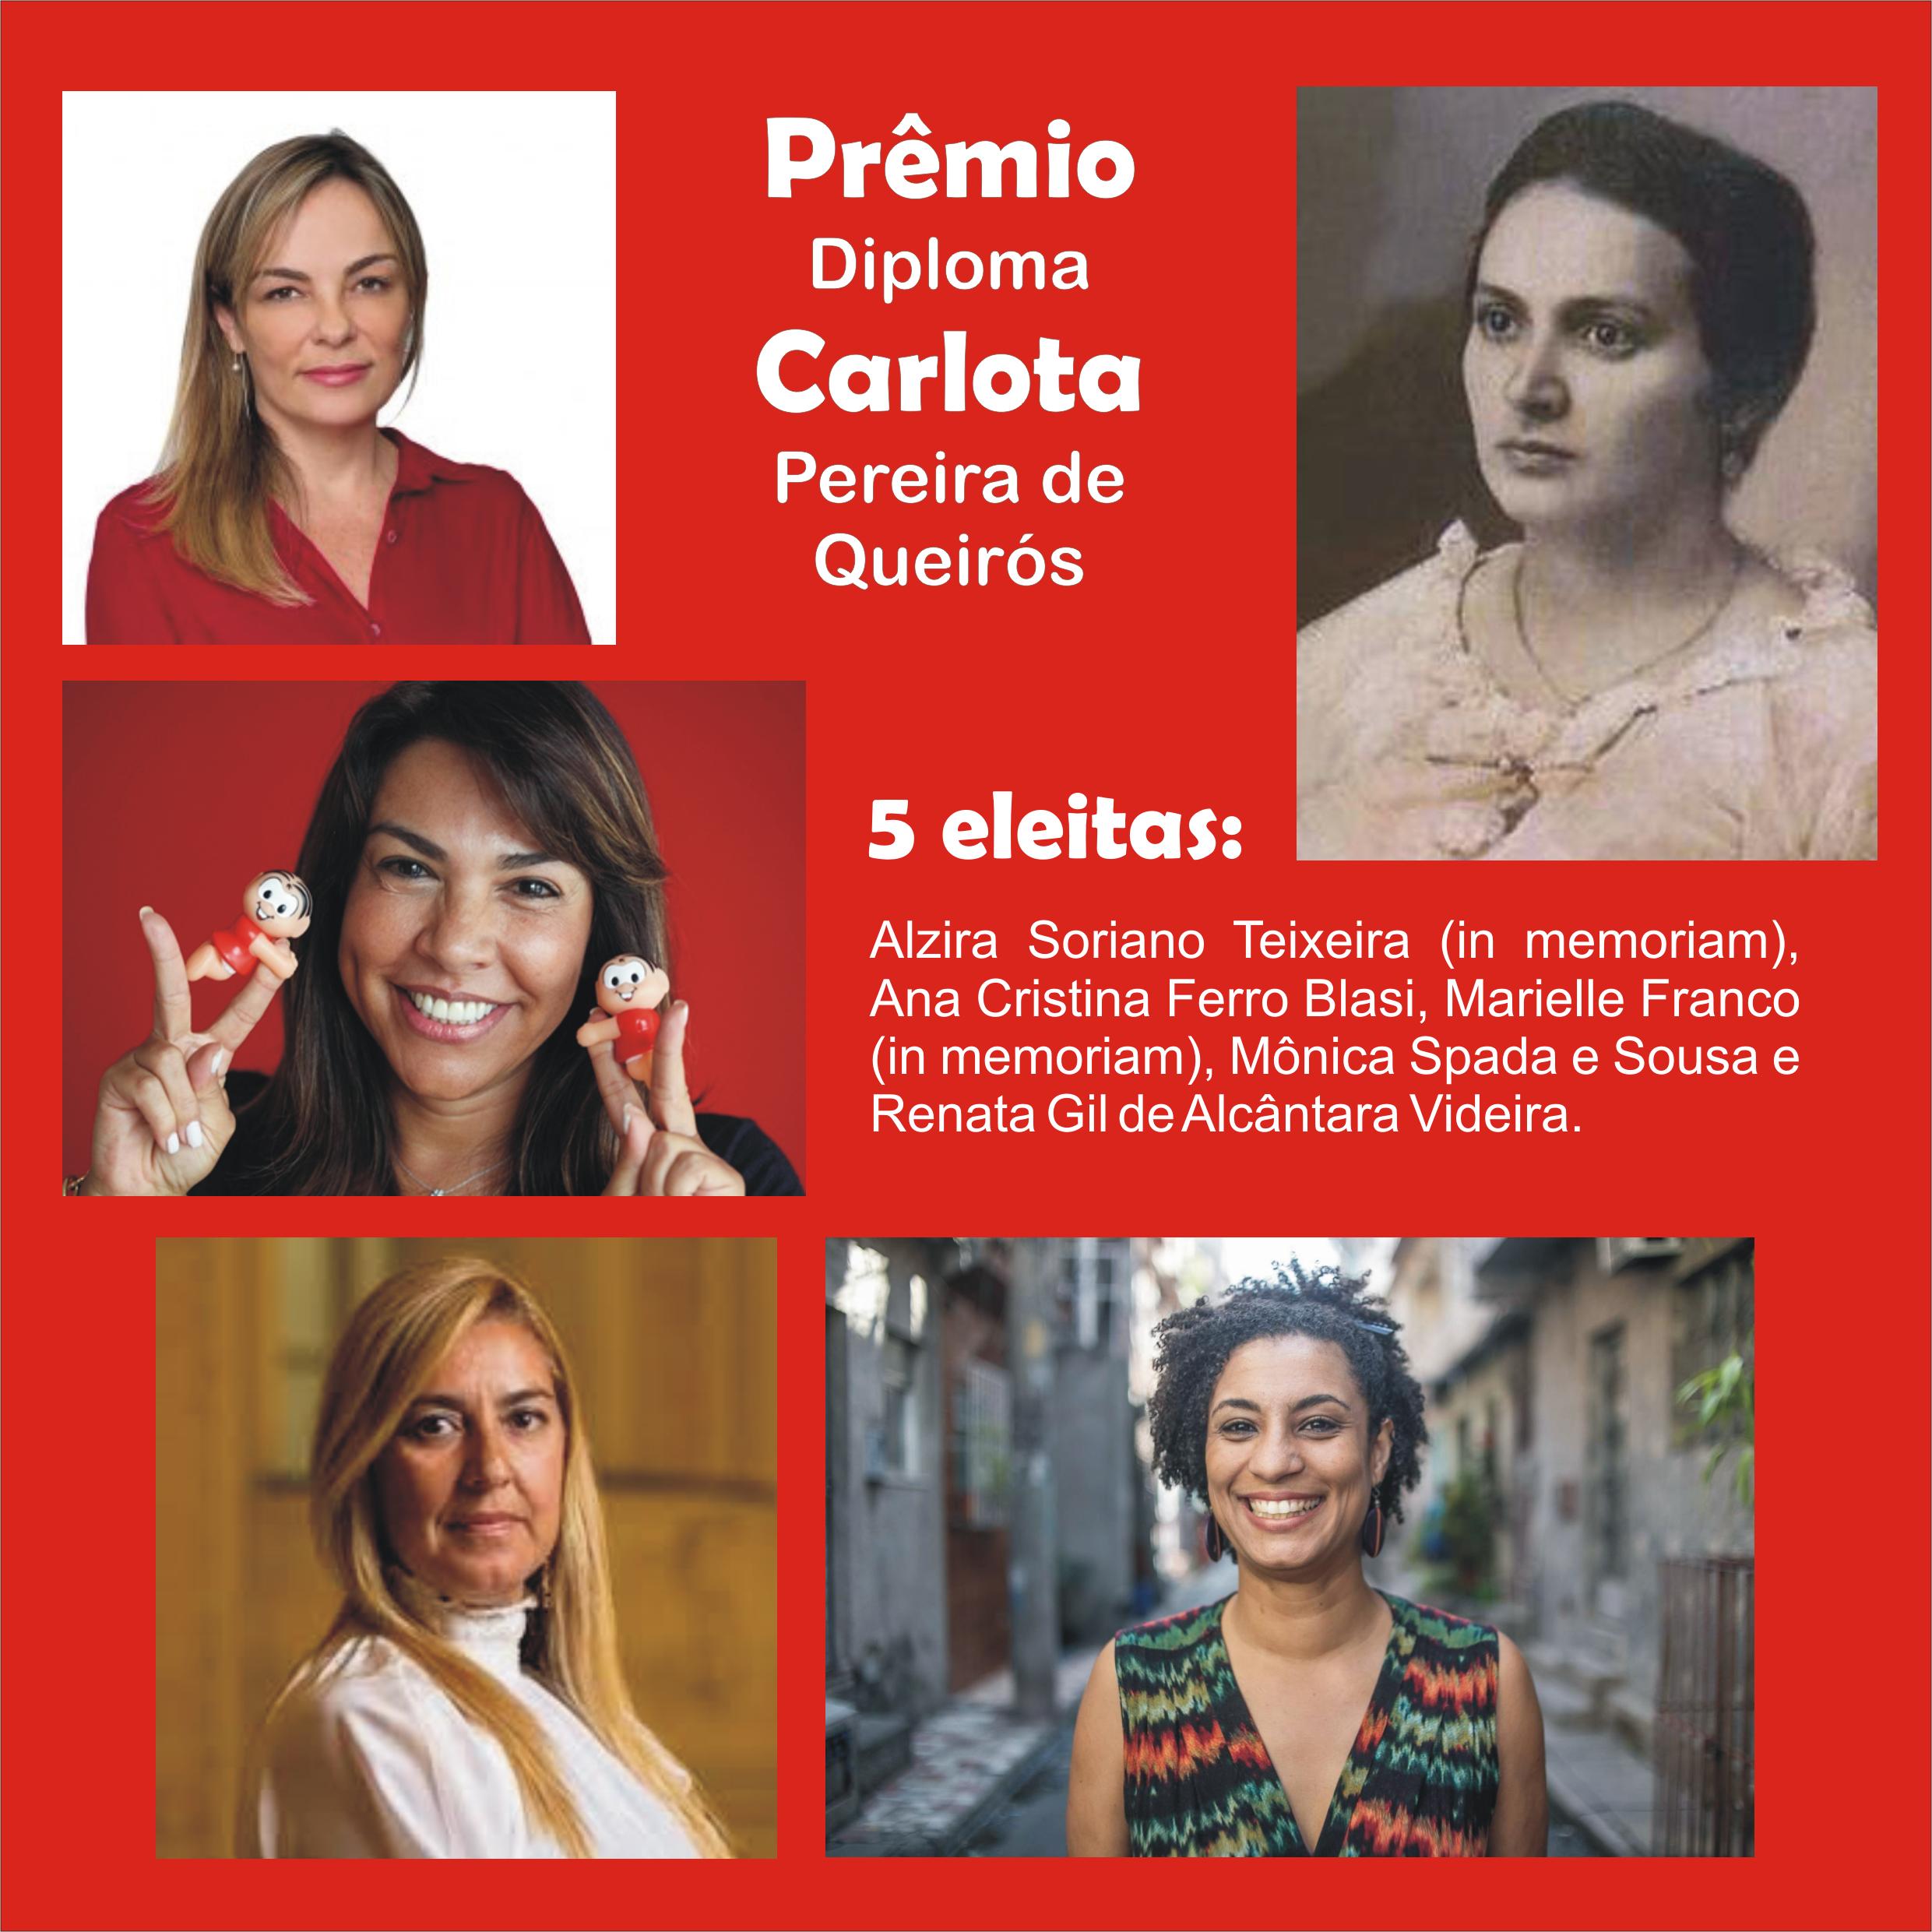 Direitos Humanos - Mulheres - Prêmio Carlota Pereira de Queirós 2018